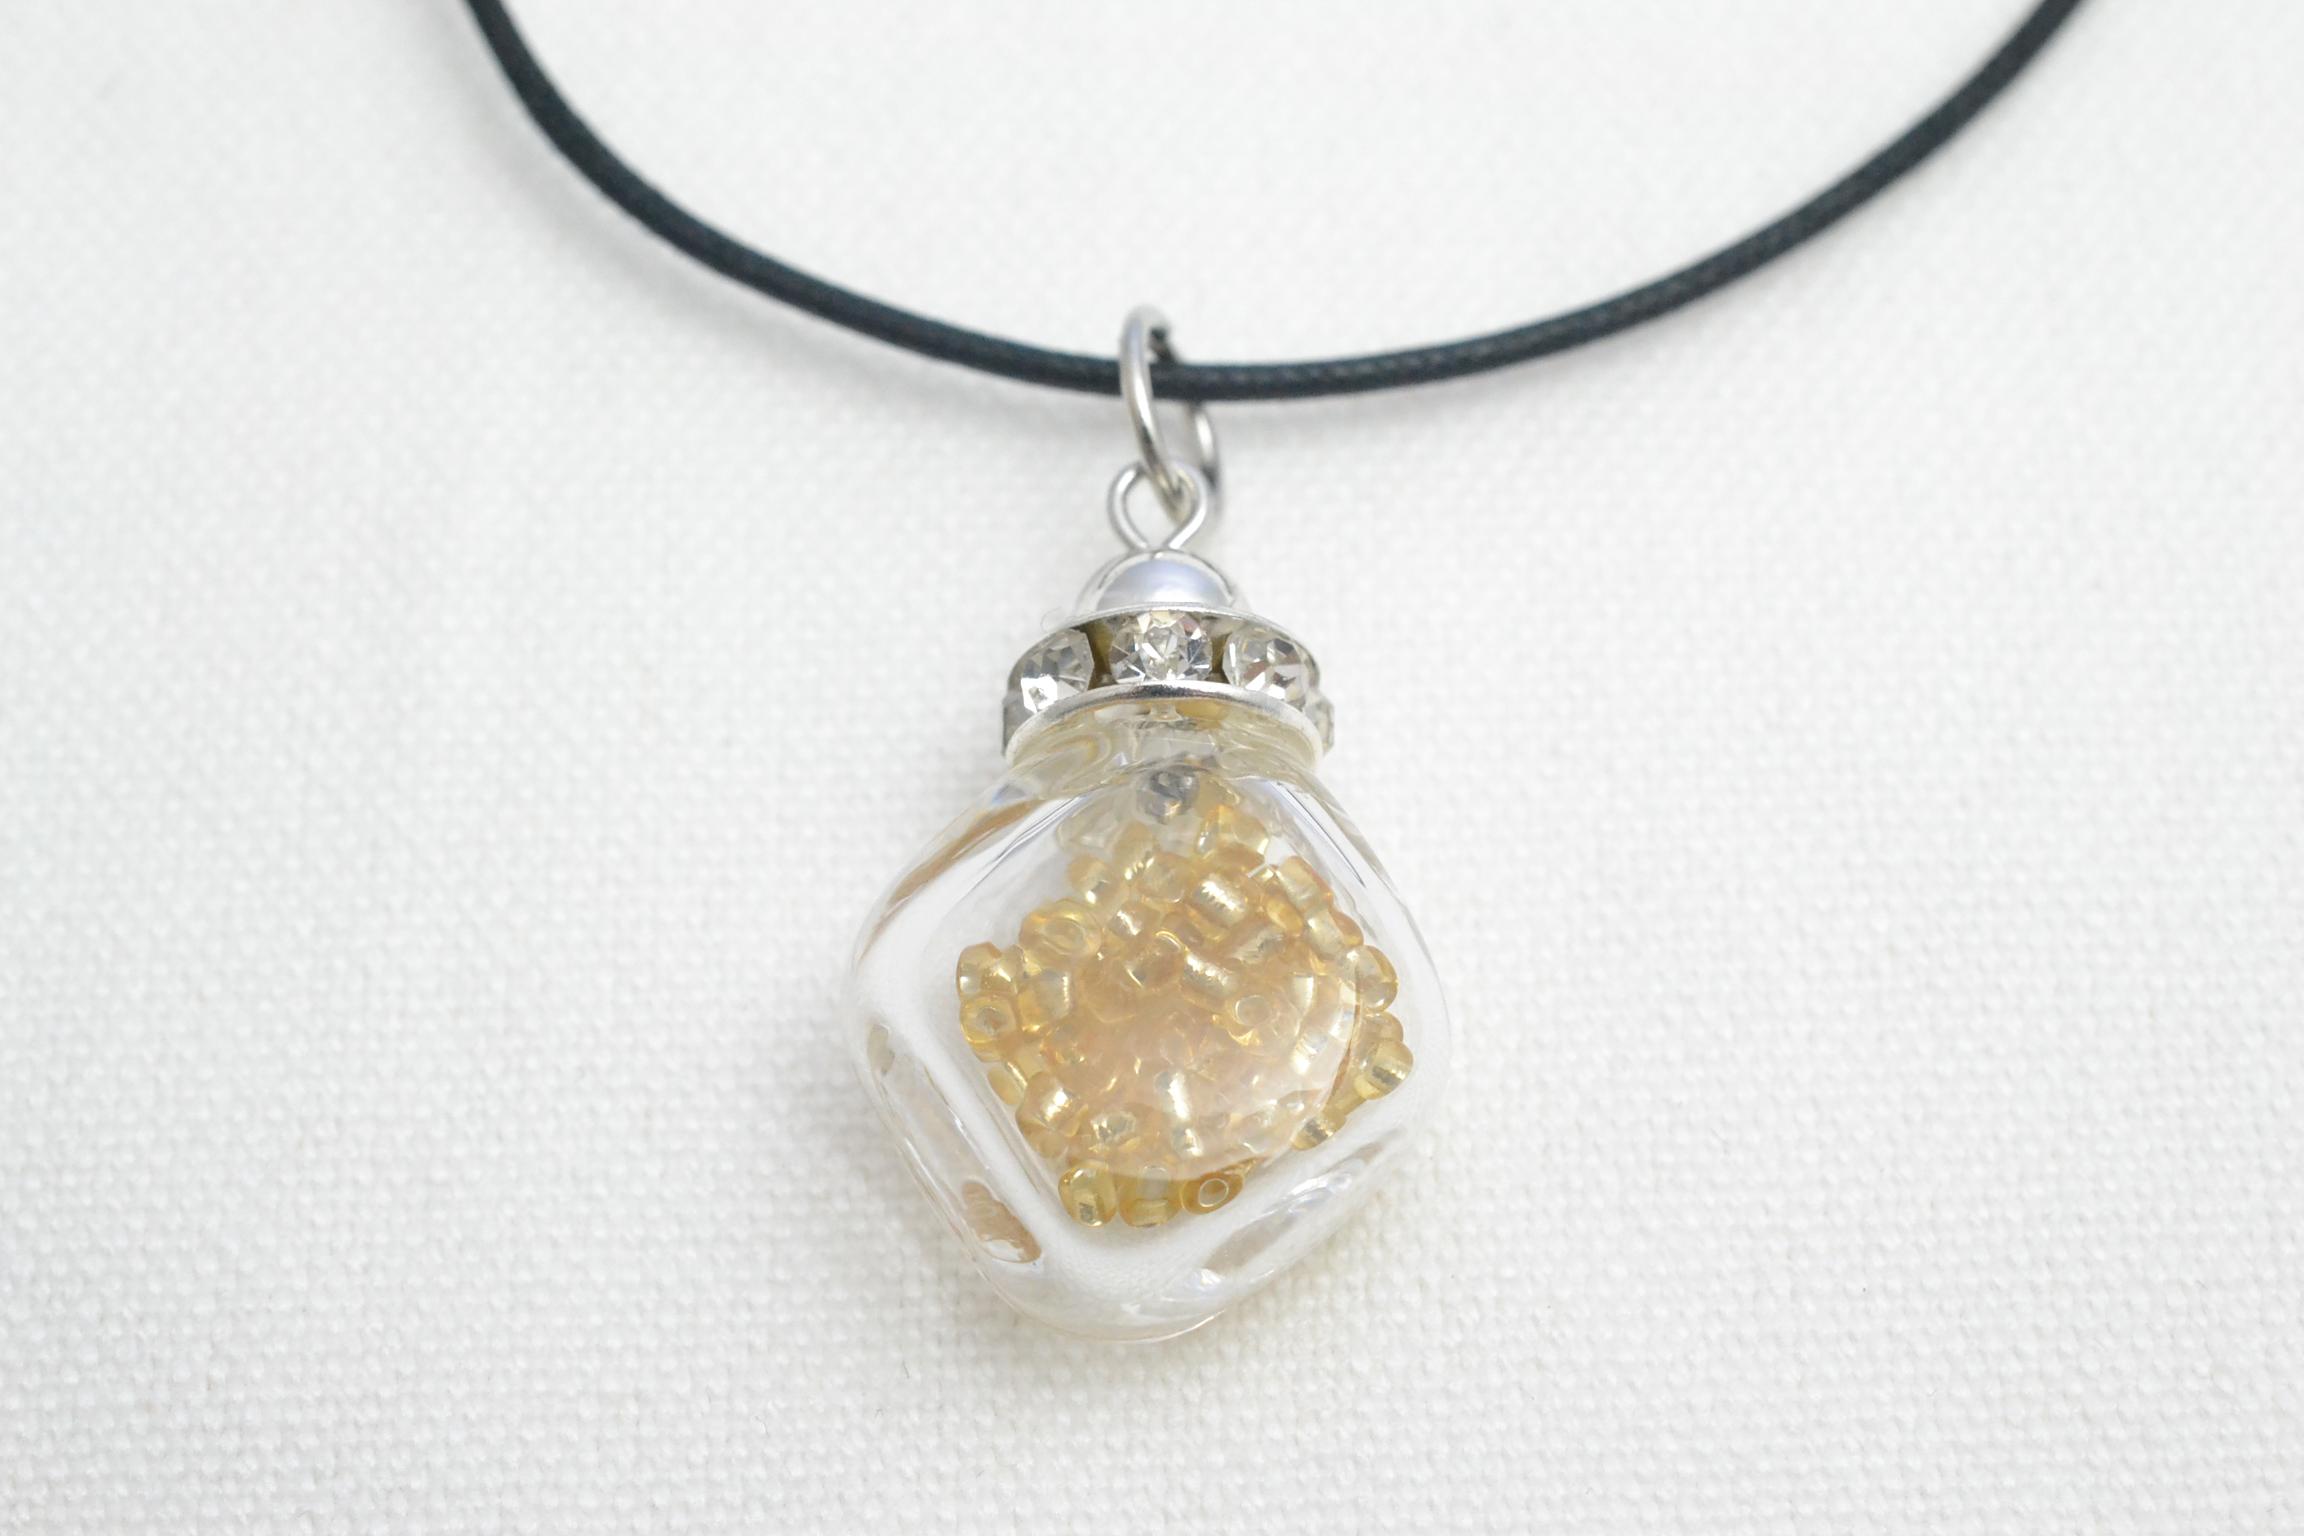 ムラーノグラスペンダント 小瓶型ペンダントトップ(スクエア) ゴールド ネックレス付き